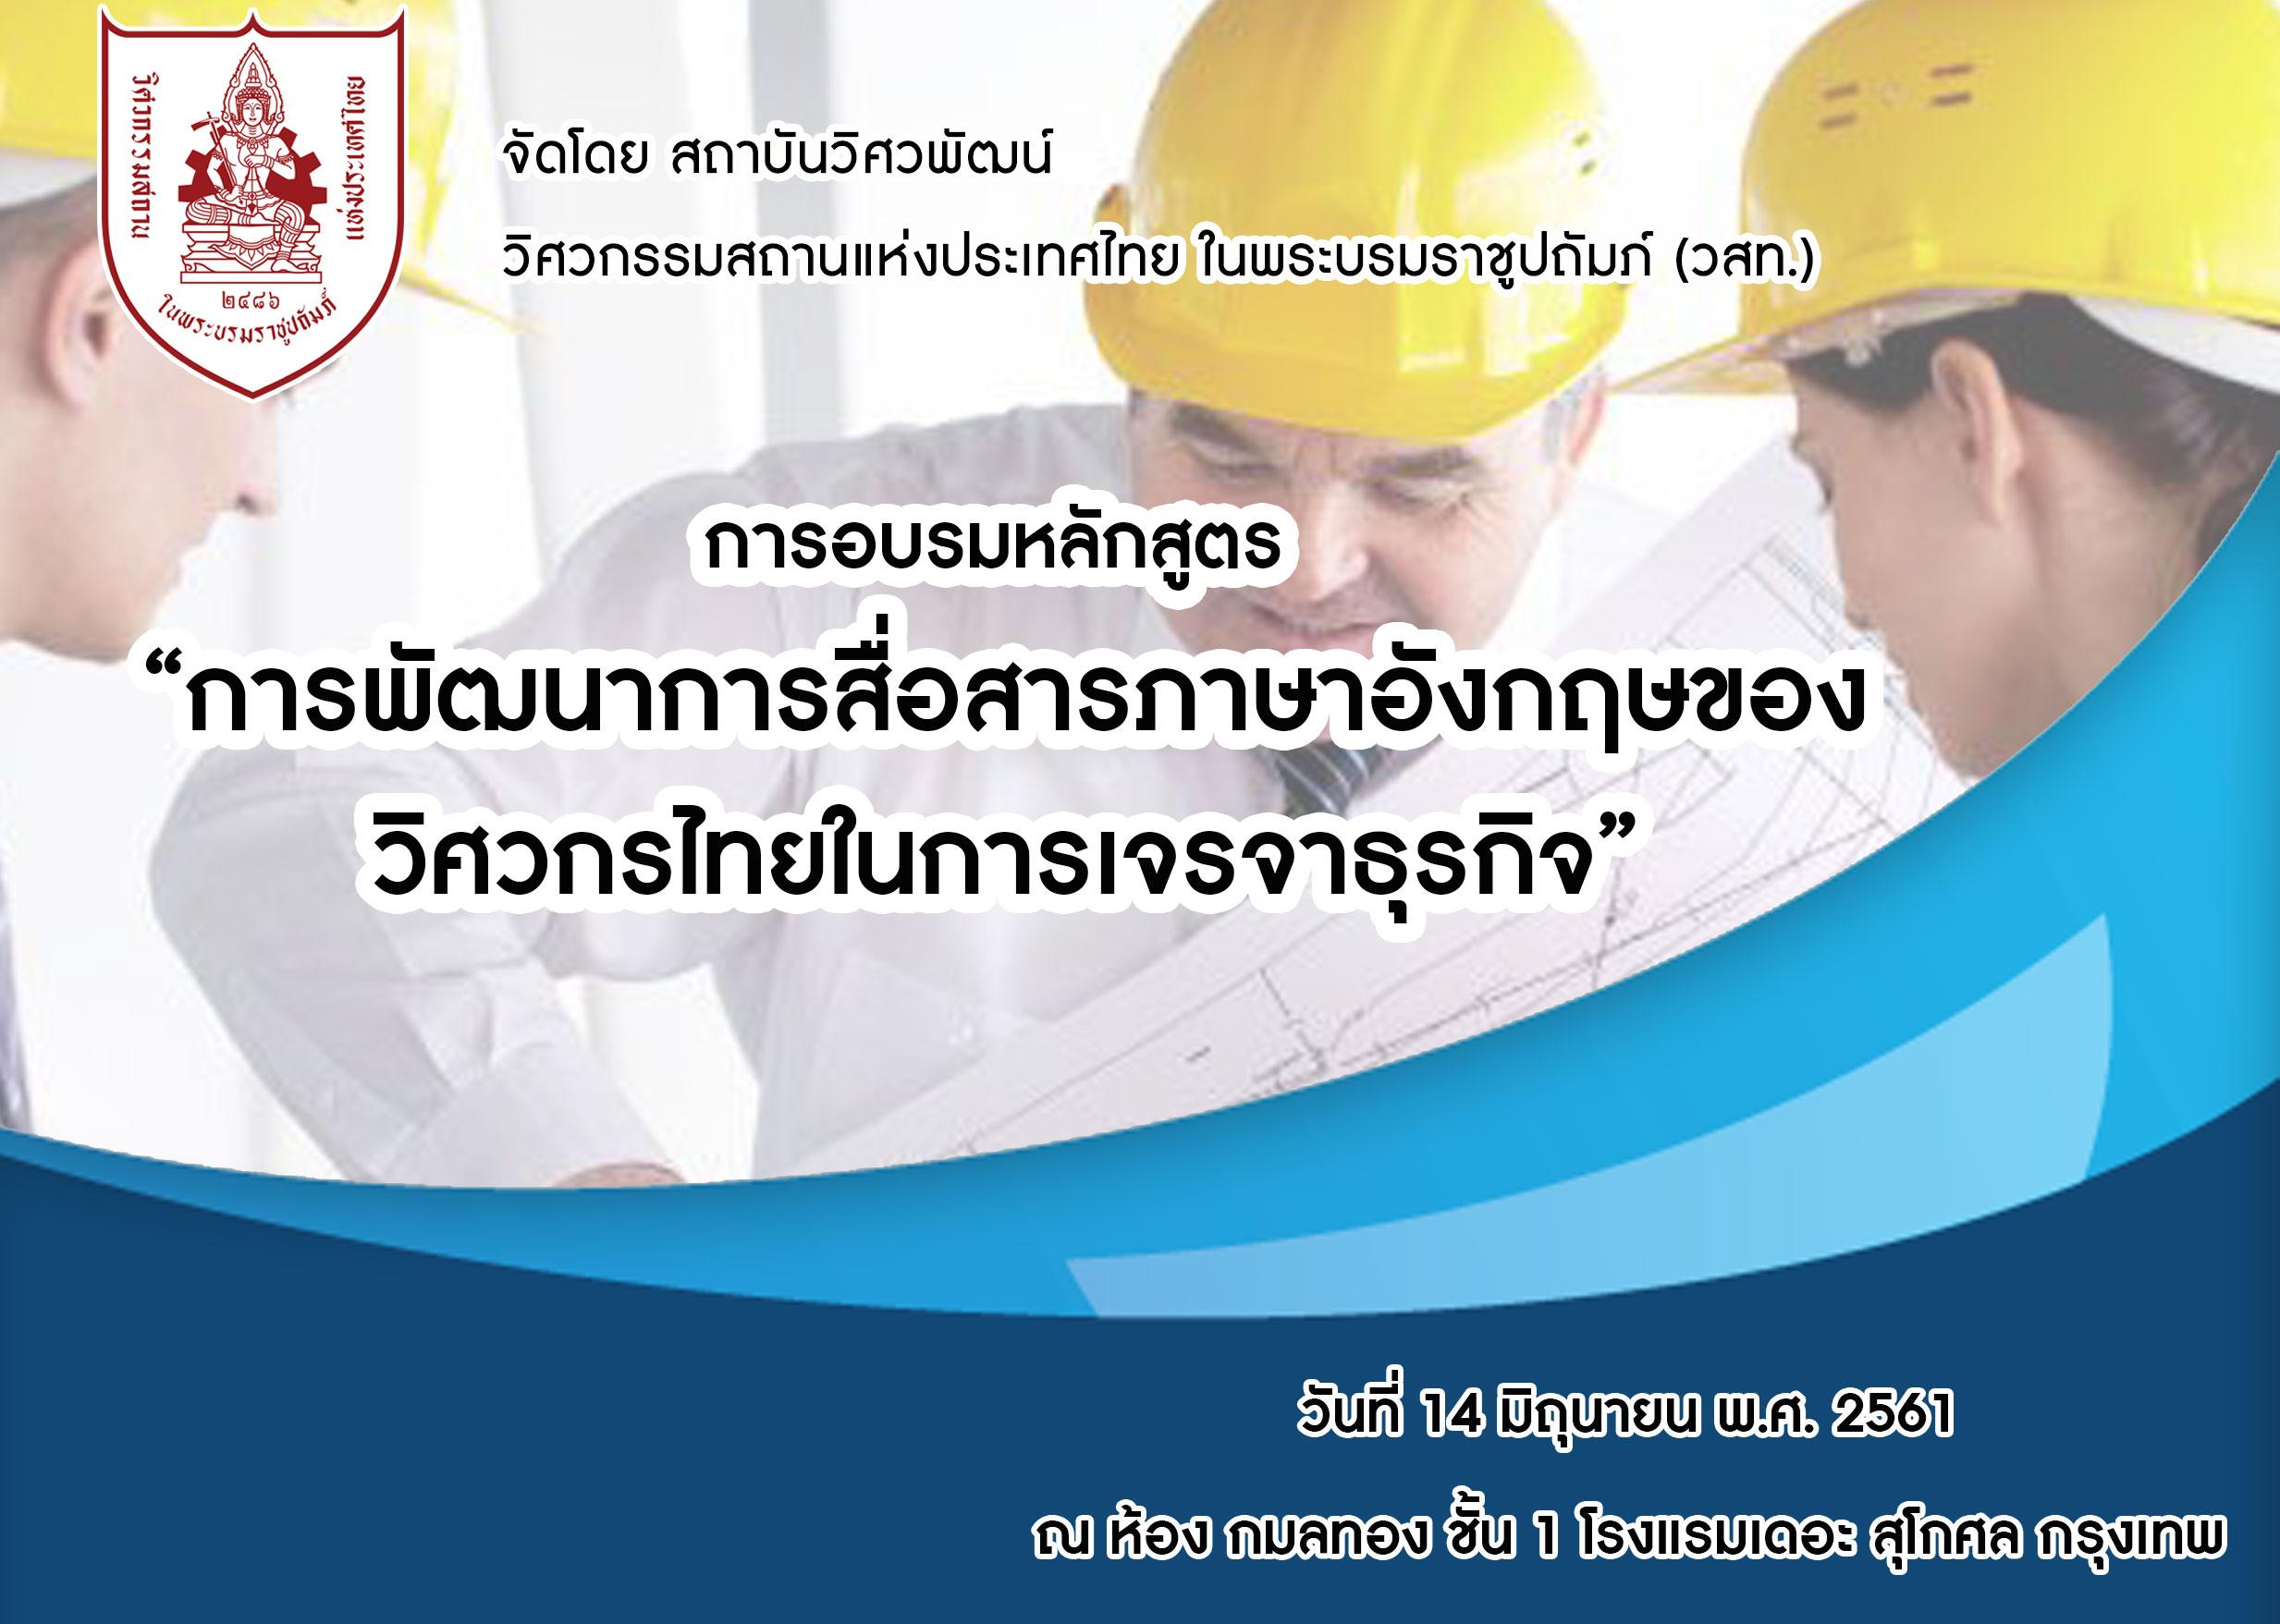 """14/06/2561 การอบรมหลักสูตร """"การพัฒนาการสื่อสารภาษาอังกฤษของวิศวกรไทยในการเจรจาธุรกิจ"""""""